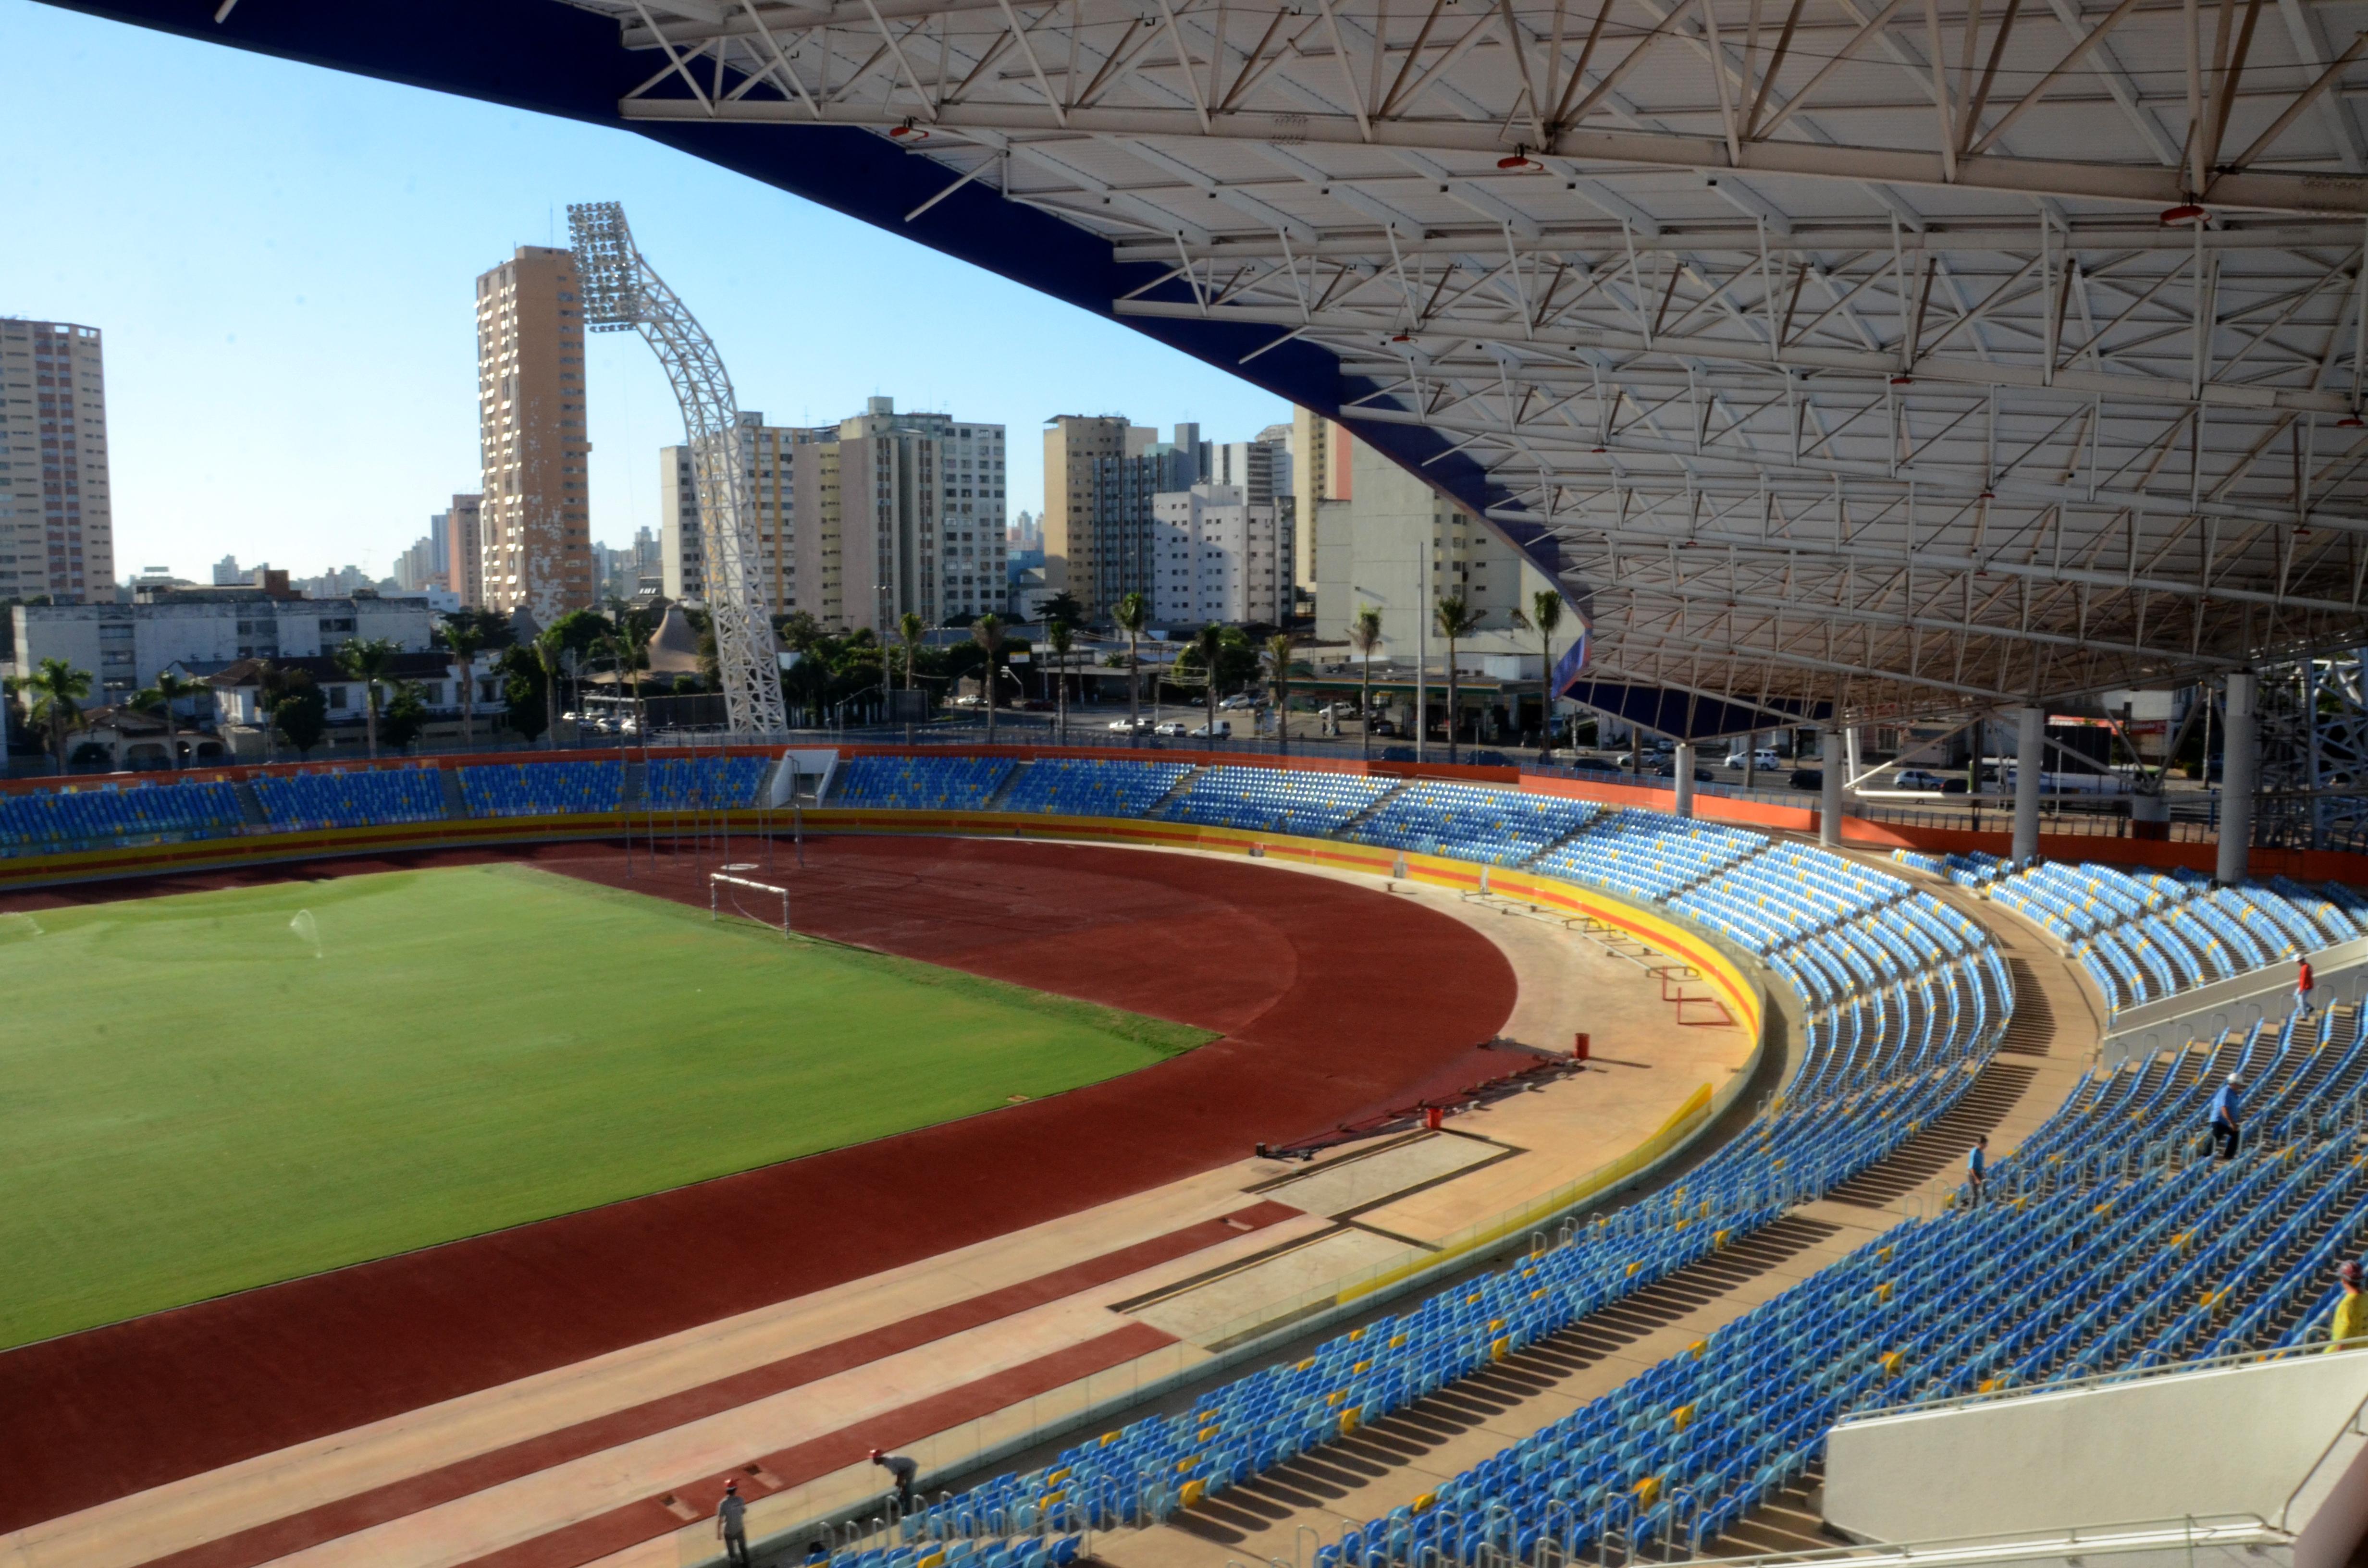 9b1fb93f97b36 Vista do Estádio Olímpico Pedro Ludovico, a partir da arquibancada.